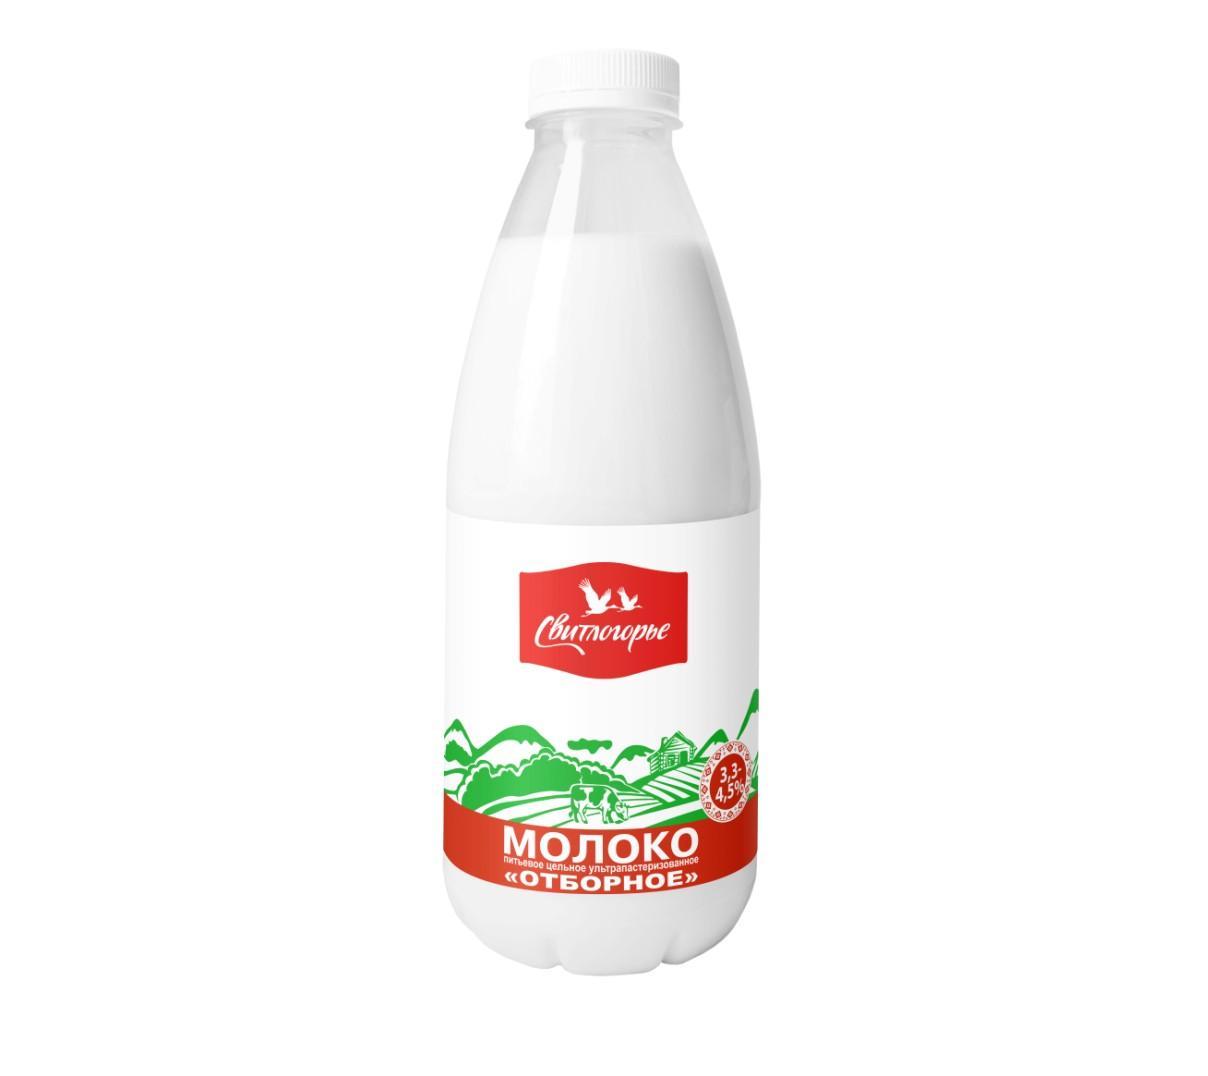 Молоко ульт.отбор.3,3-4,5%, 0,93л. пл/б. Свитлогорье